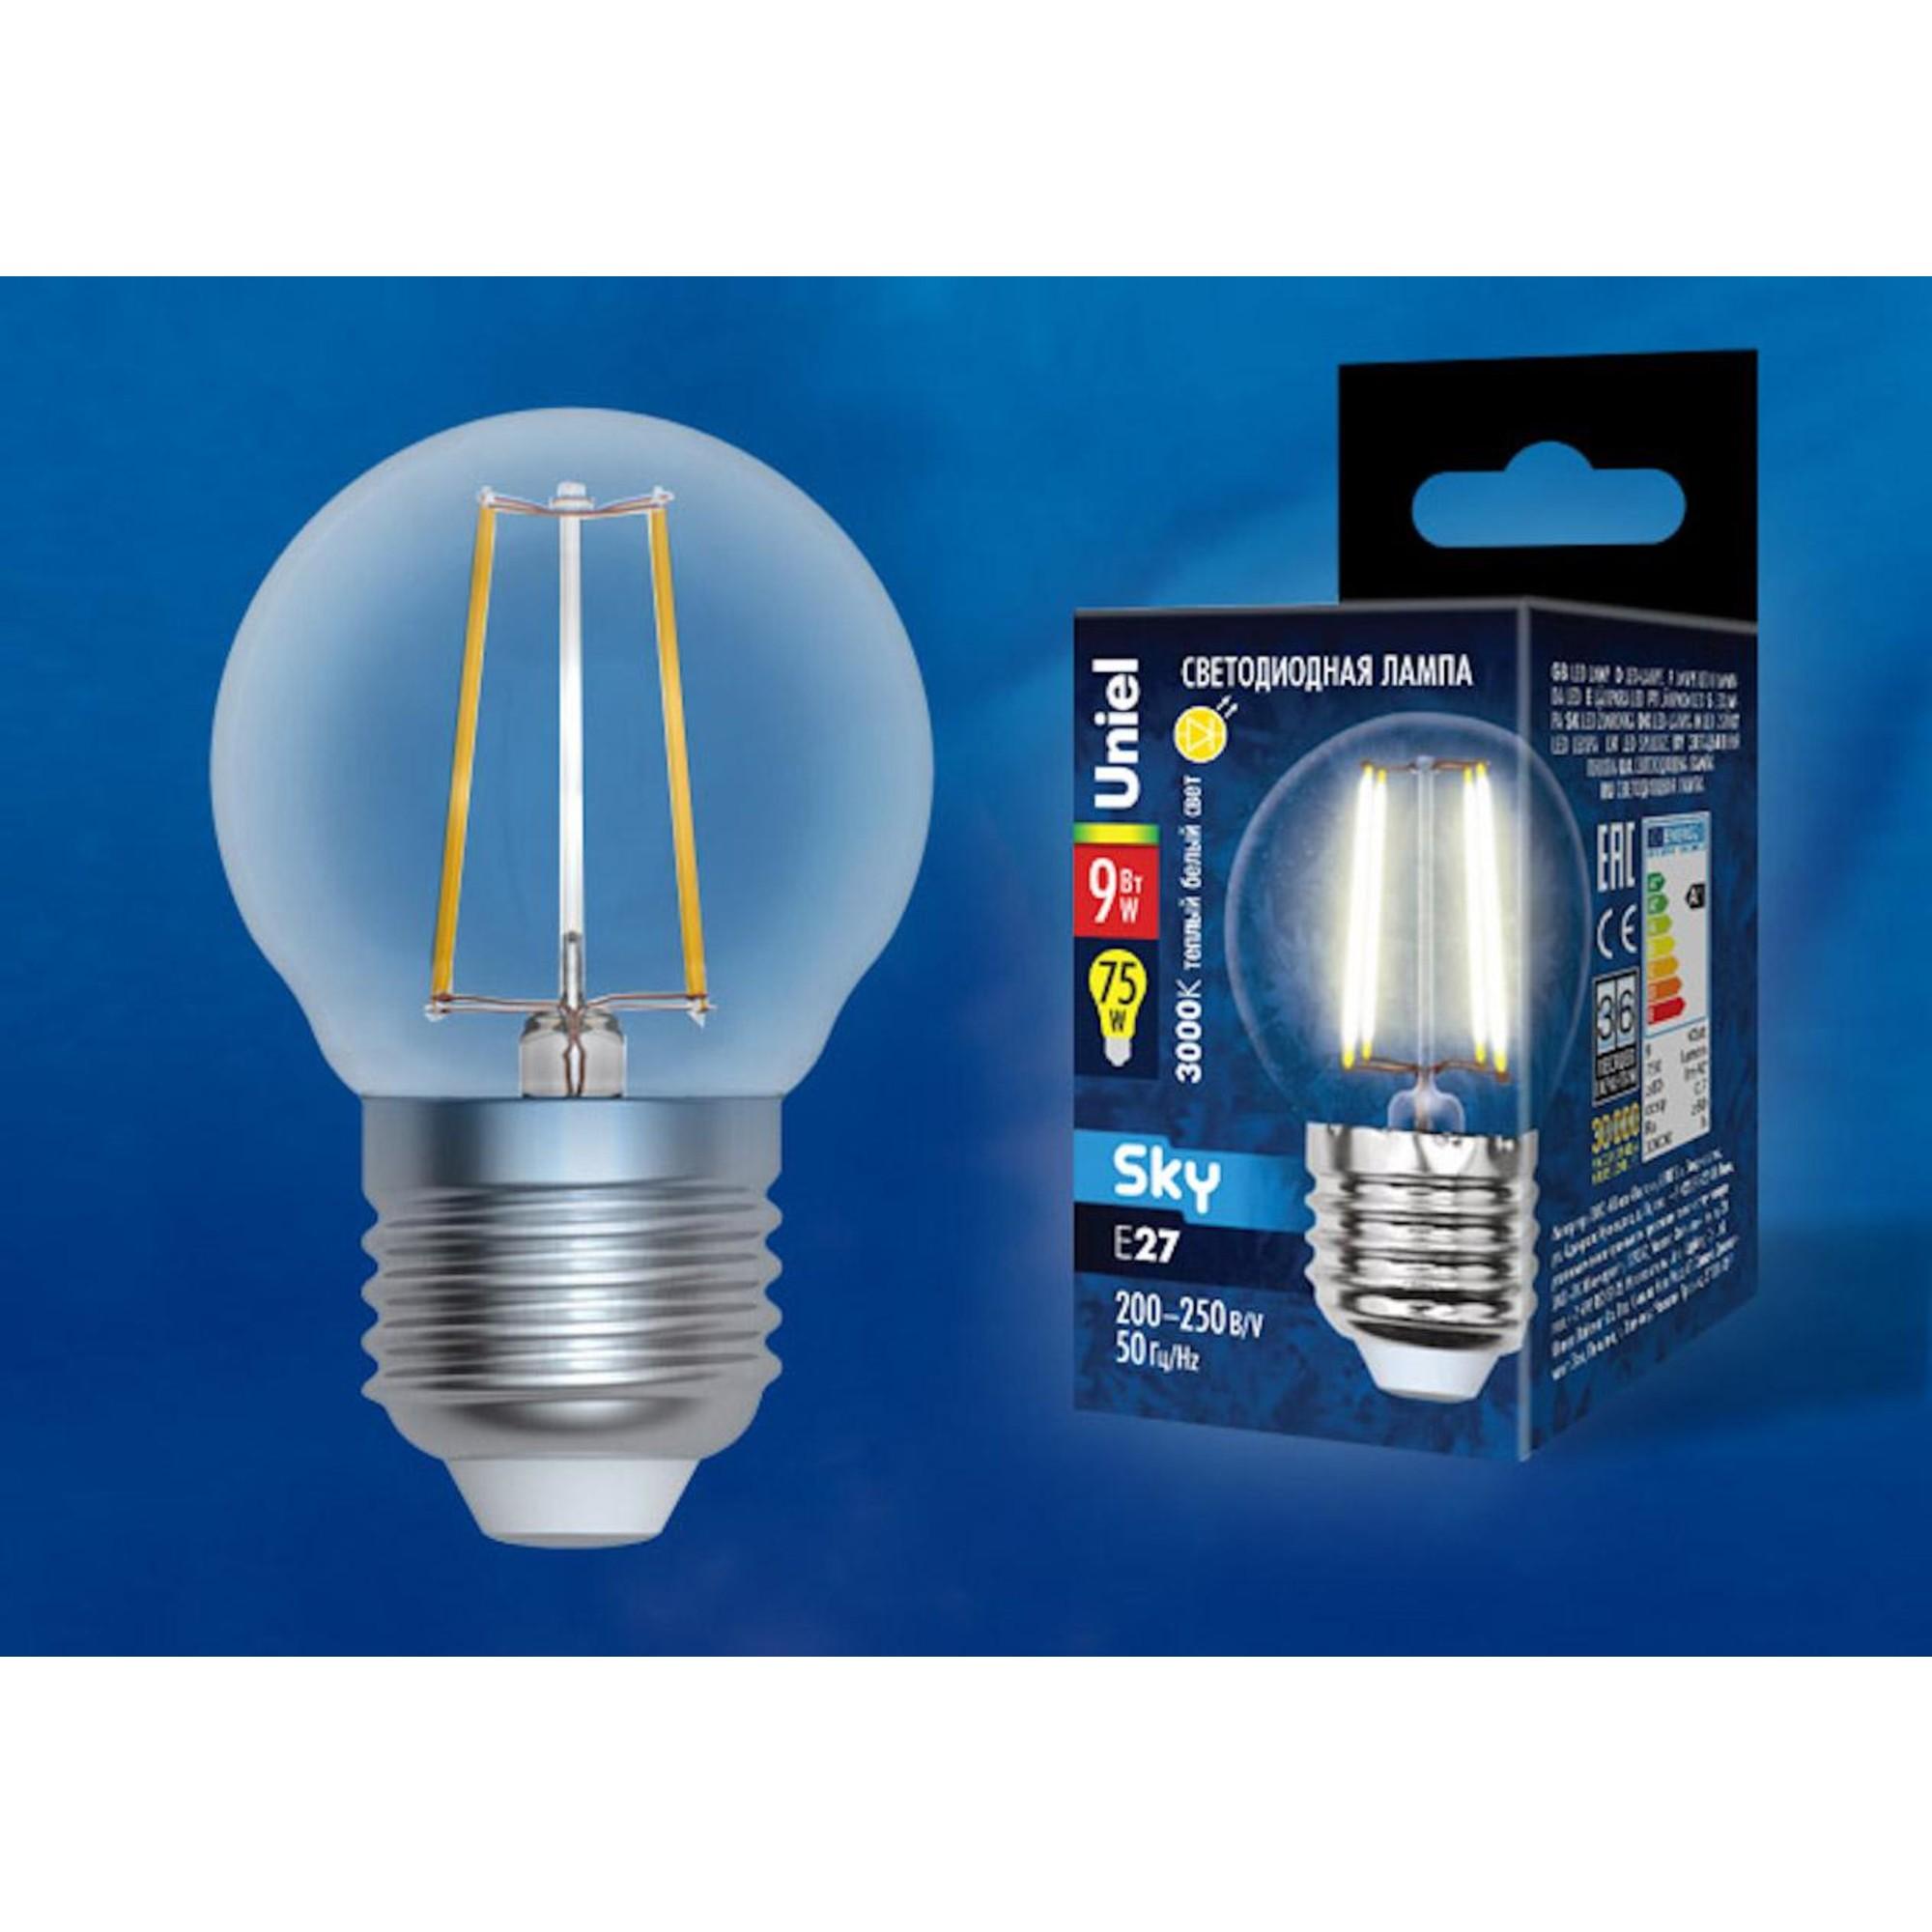 Светодиодная лампочка Uniel UL-00005174 E27 750 Лм 9 Вт